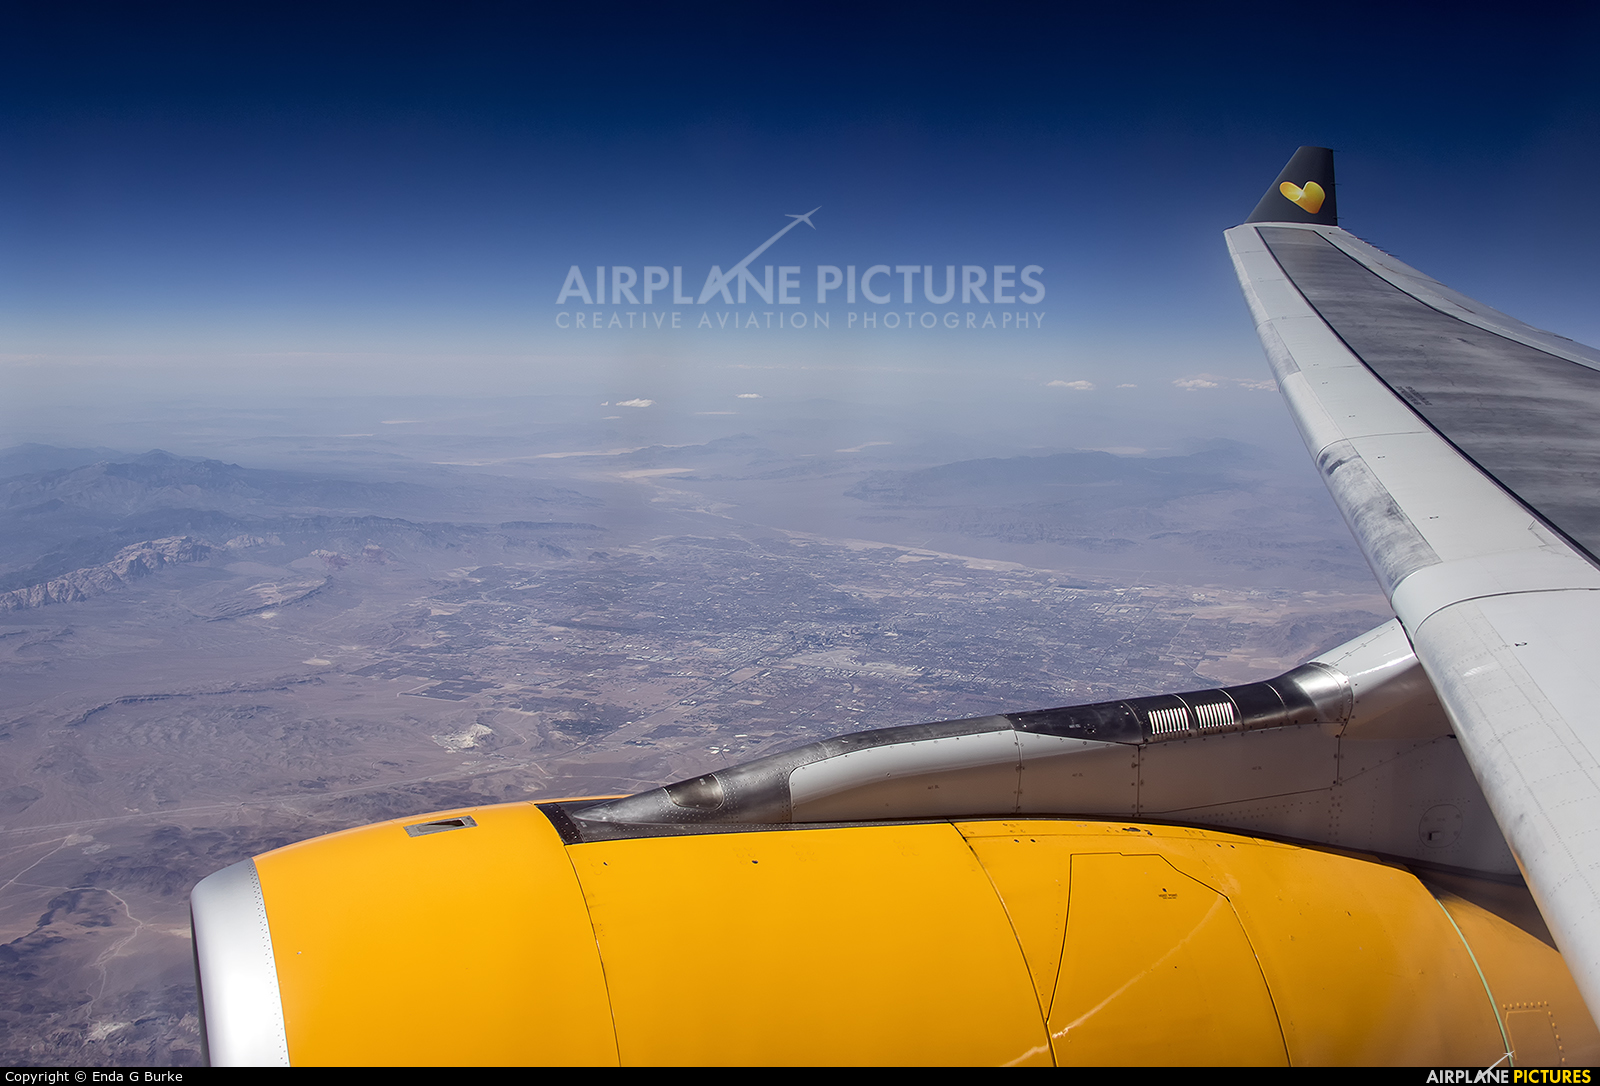 Thomas Cook G-OMYT aircraft at Off Airport - Nevada